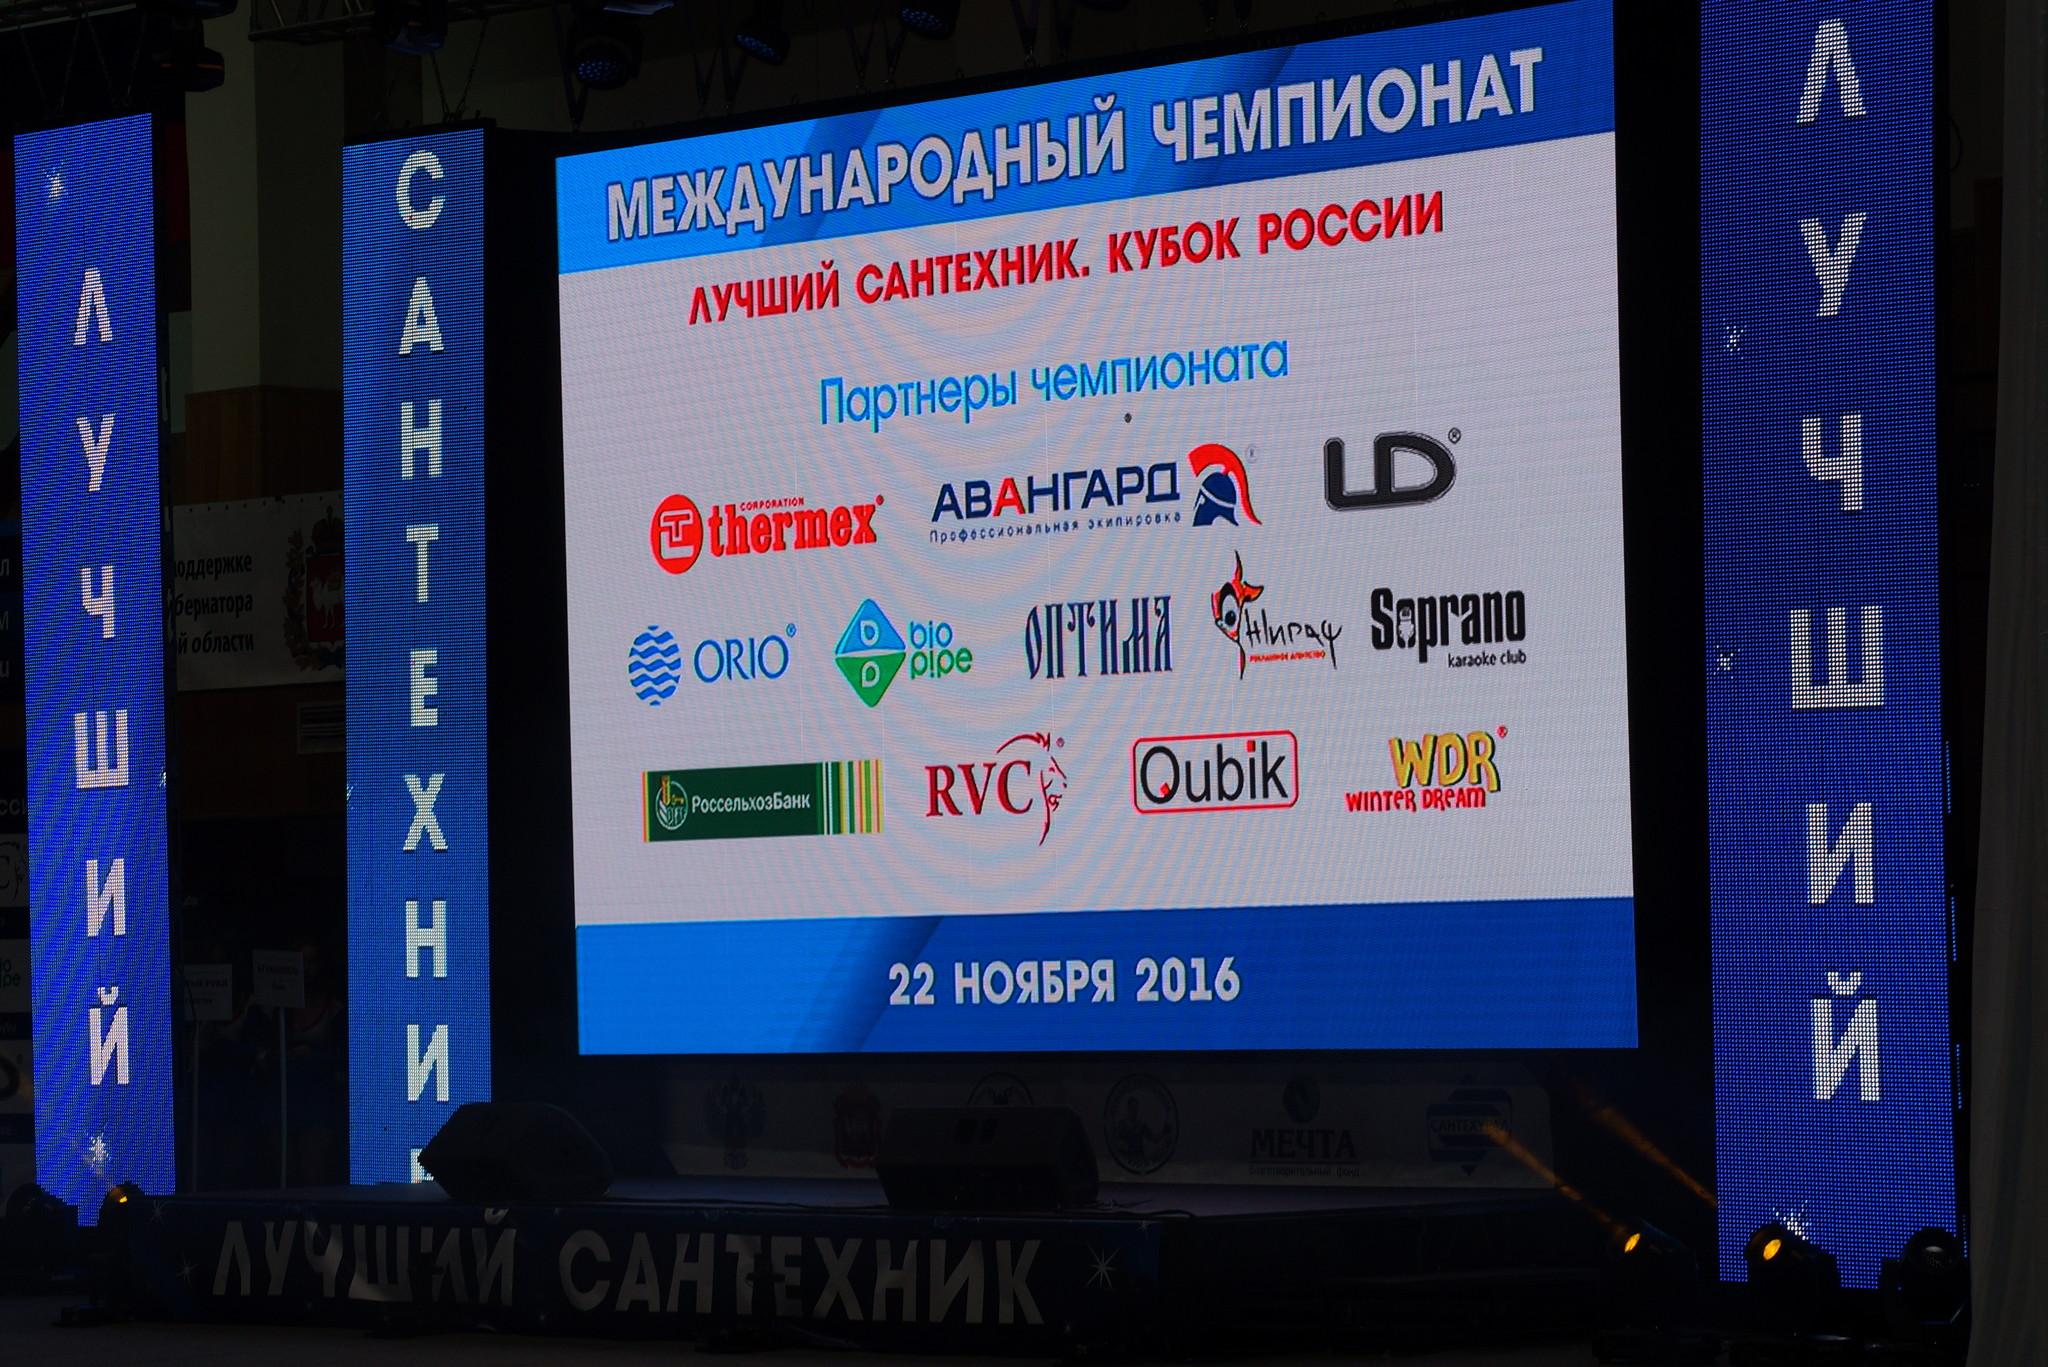 Конкурс «Лучший сантехник России»